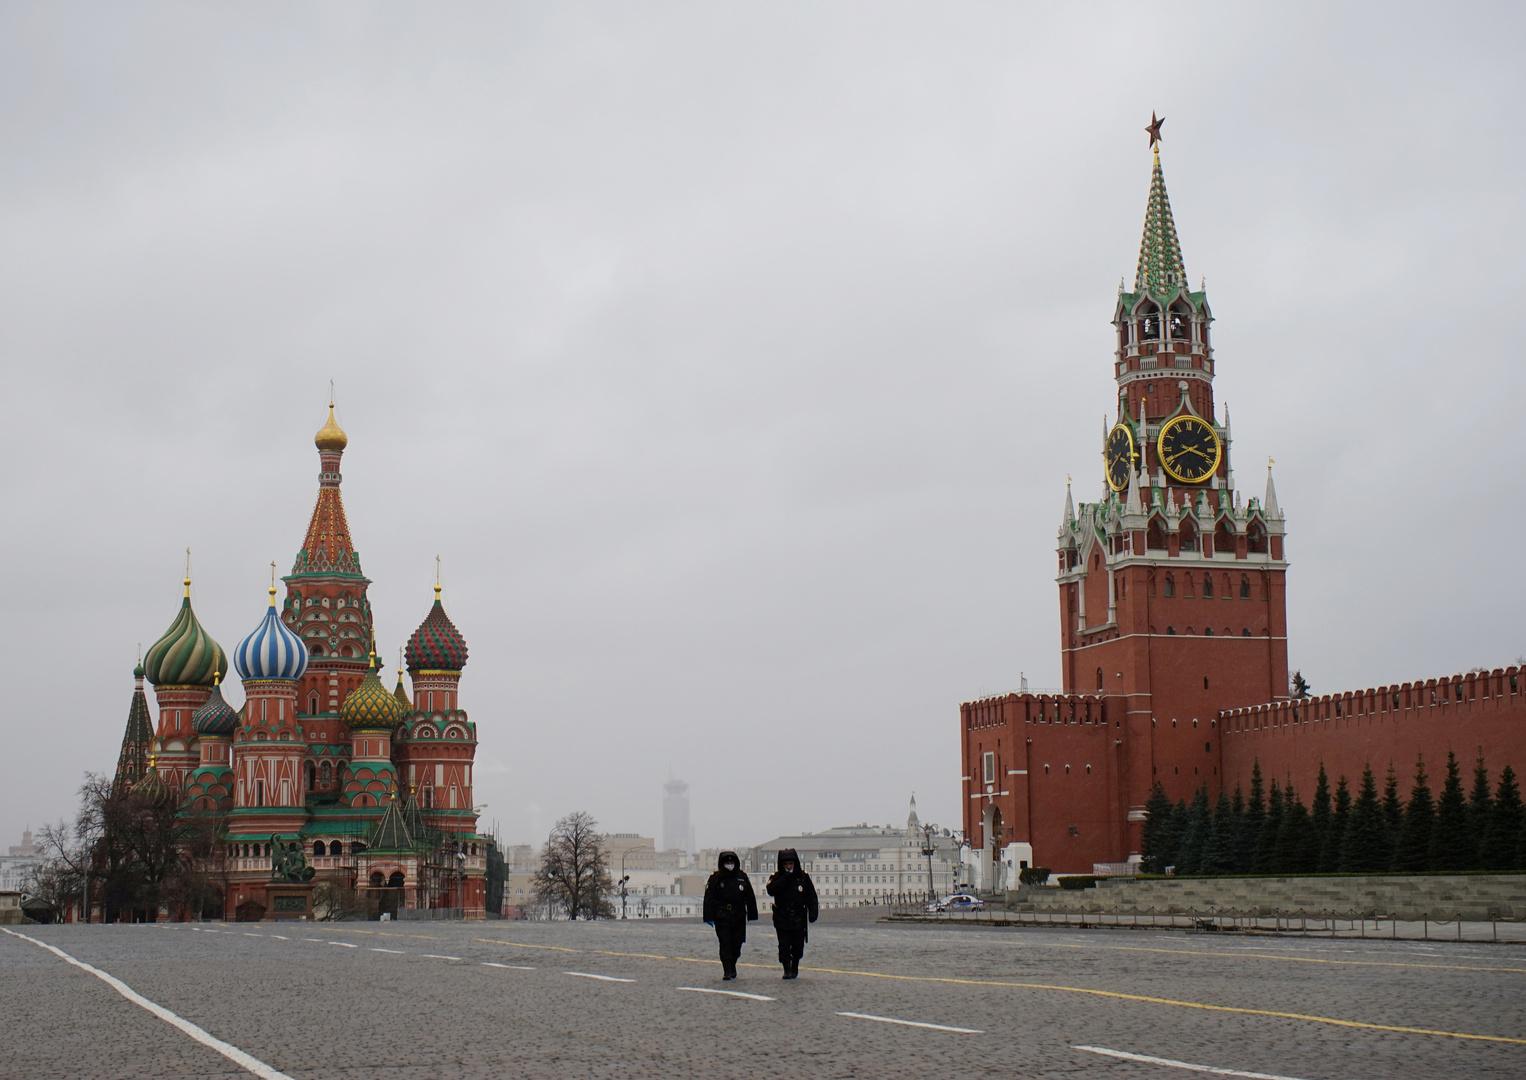 الساحة الحمراء خالية من المواطنين بسبب إجراءات الحجر الصحي - موسكو